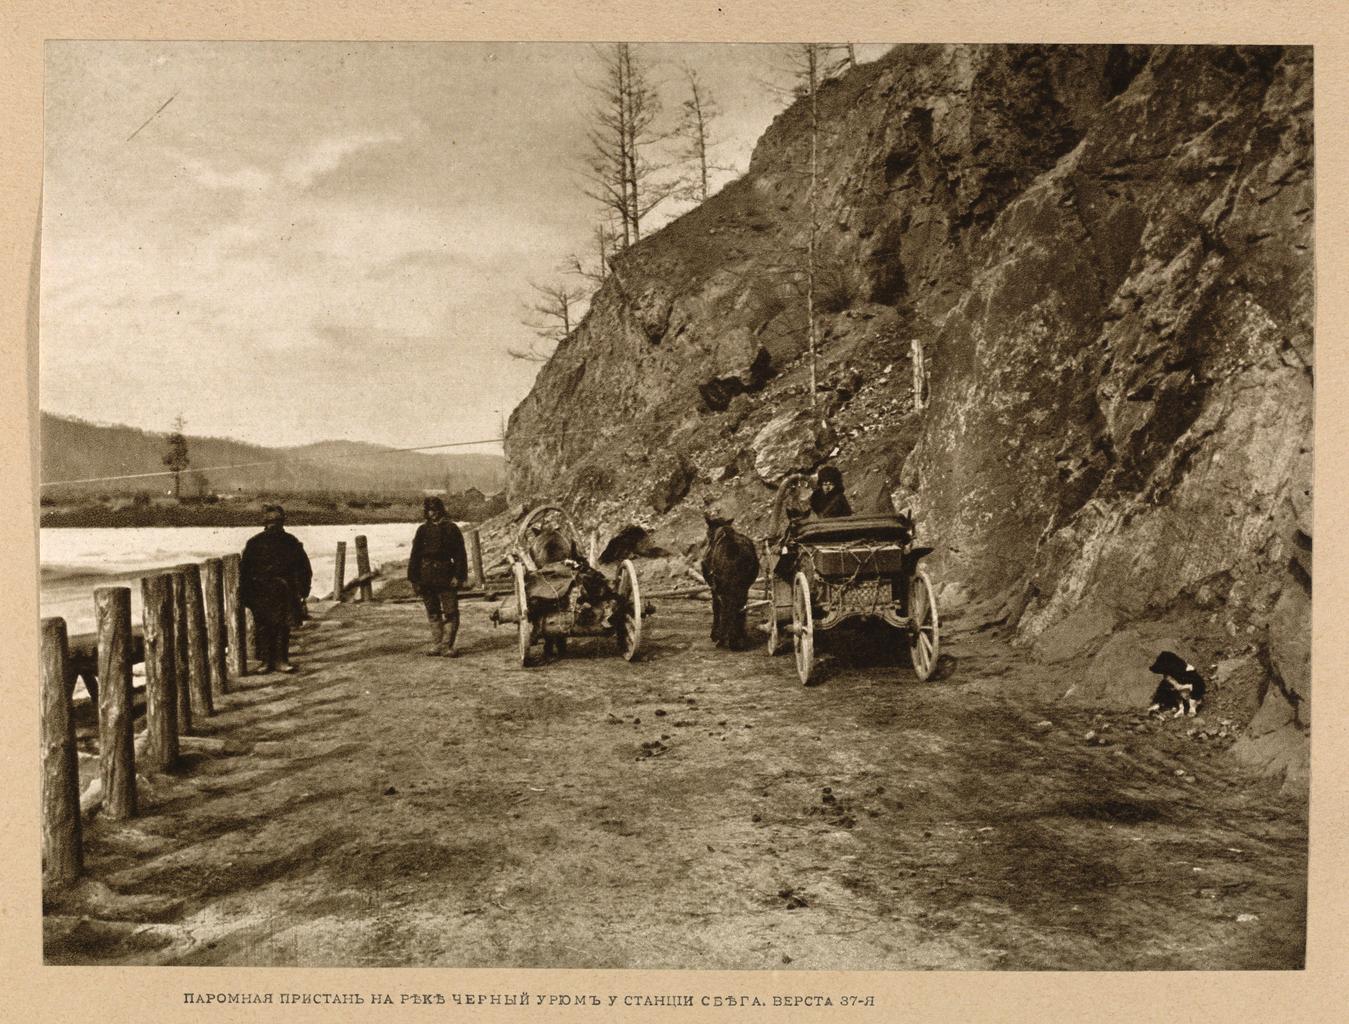 Верста 37. Паромная пристань на реке Черный Урюм у станции Сбега